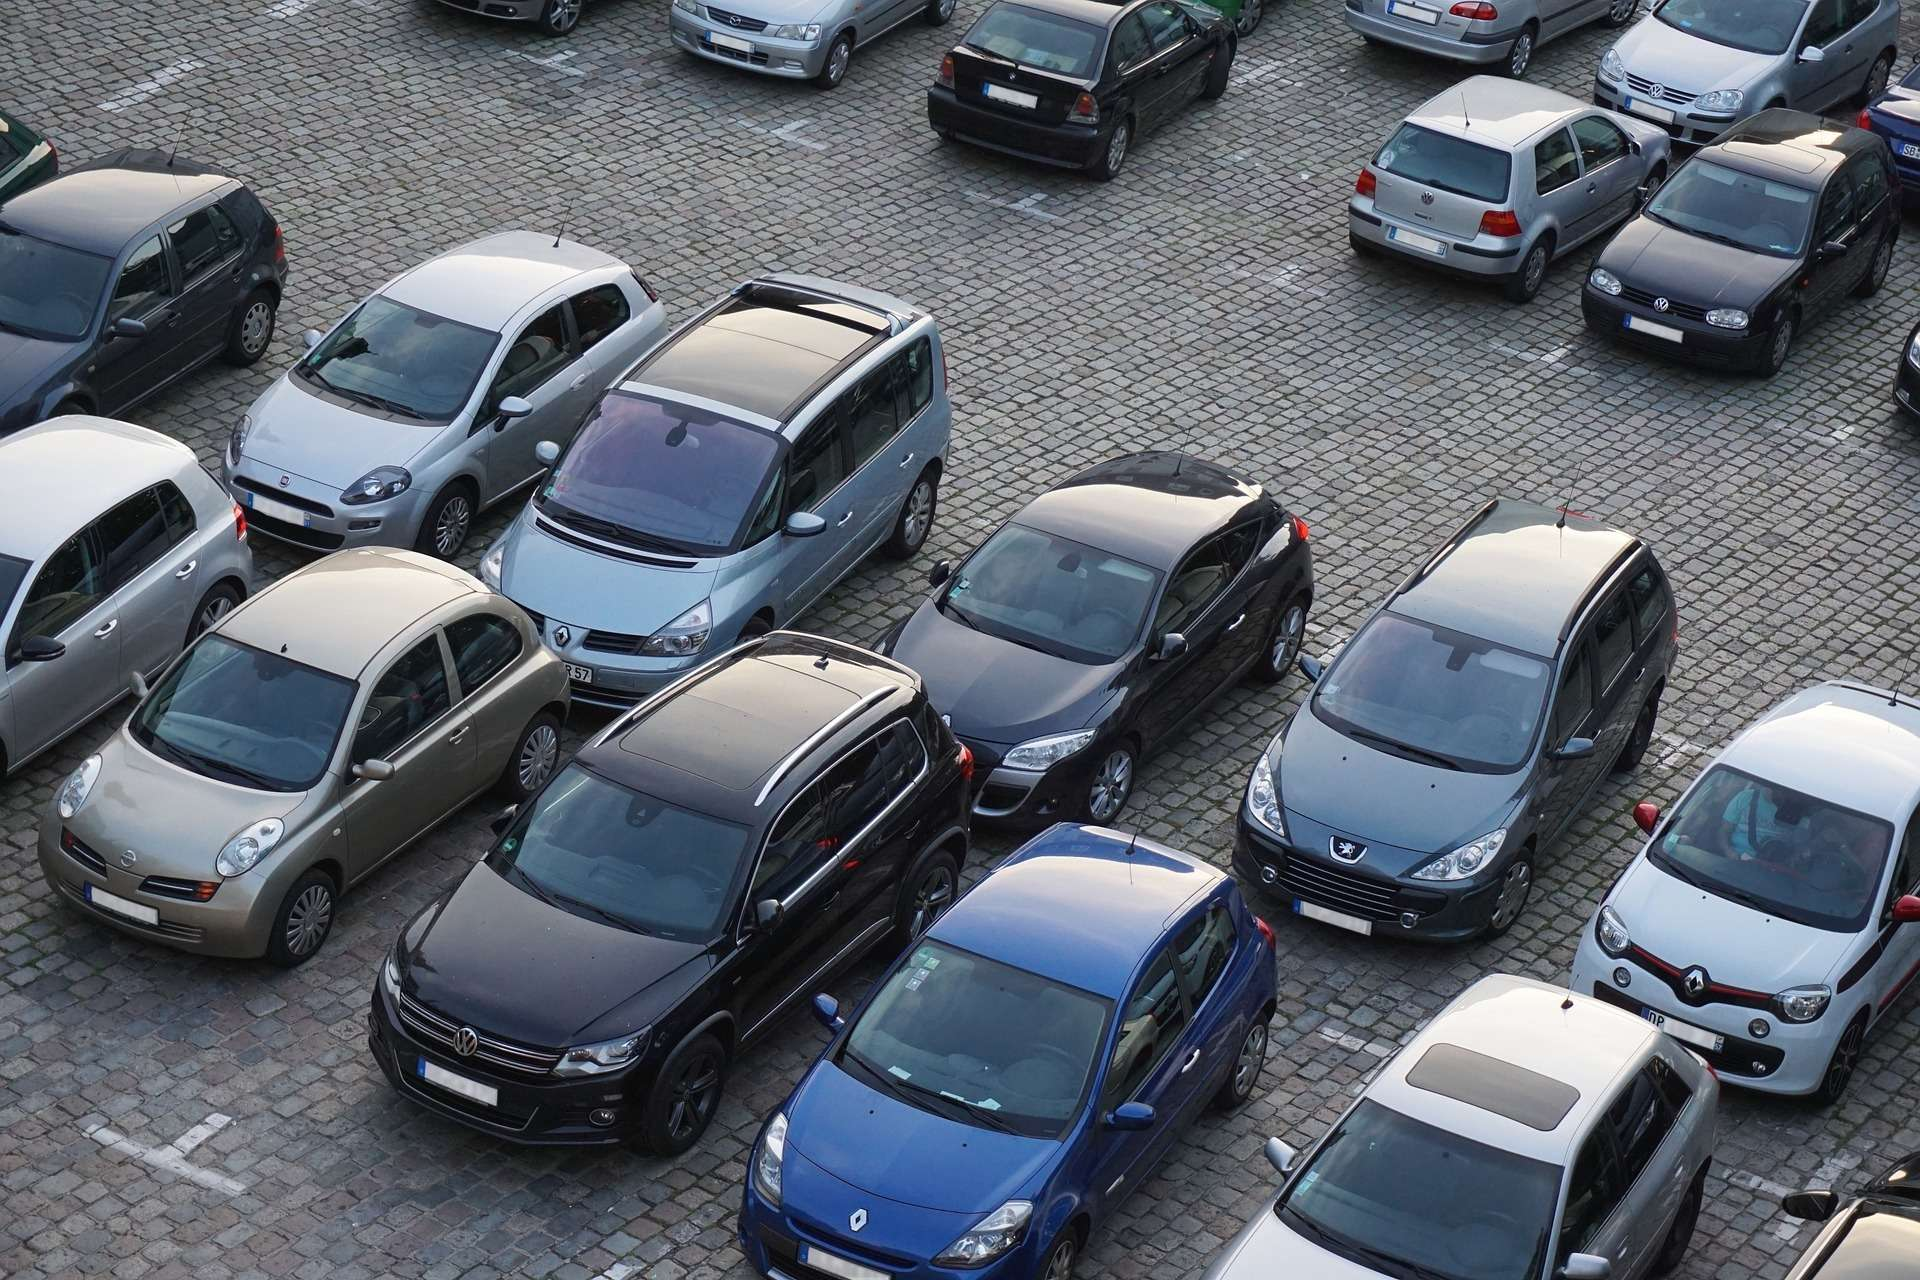 Zabłocie i os. Podwawelskie dołączą do Strefy Płatnego Parkowania. A co z cenami?! Oto propozycje zmian